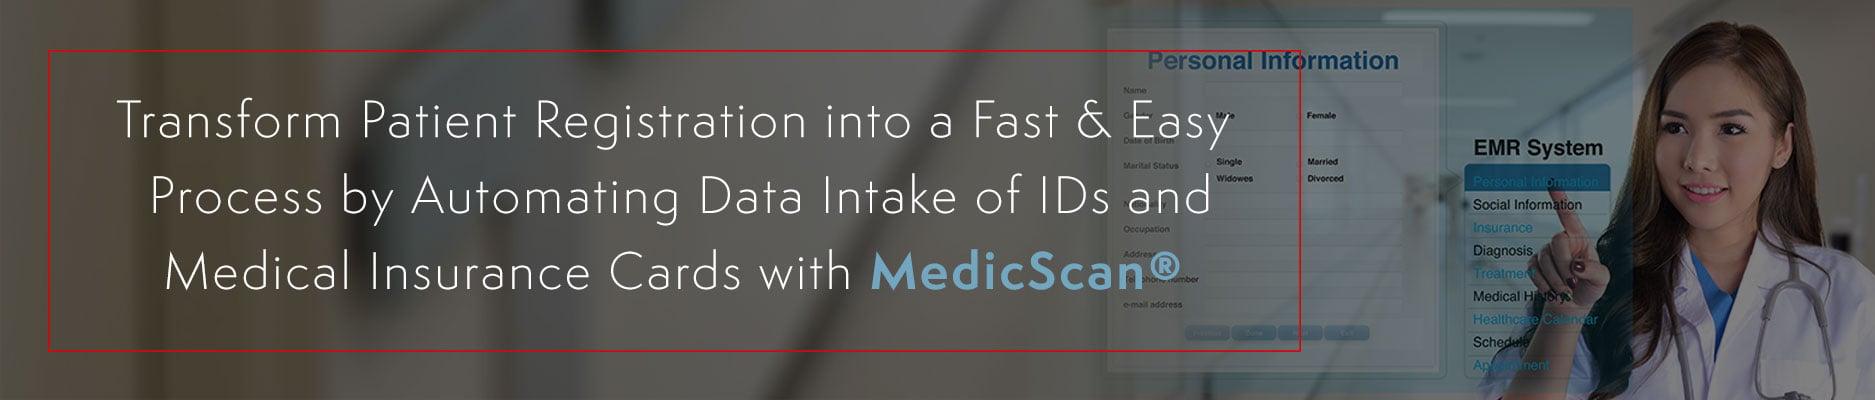 MedicScan-Header-Image-2018.jpg